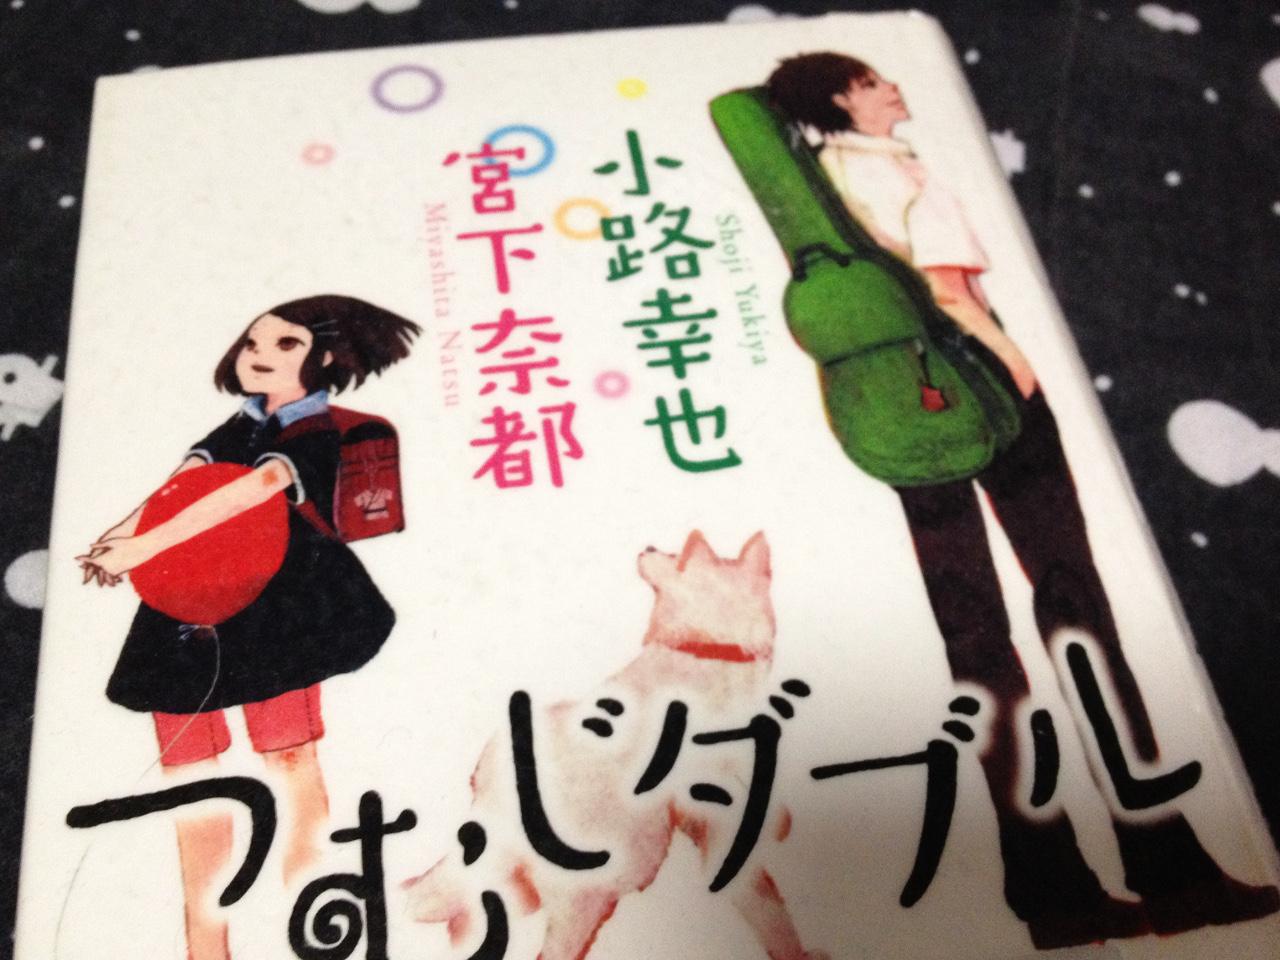 小路幸也・宮下奈都「つむじダブル」兄妹の思いの詰まった合作小説